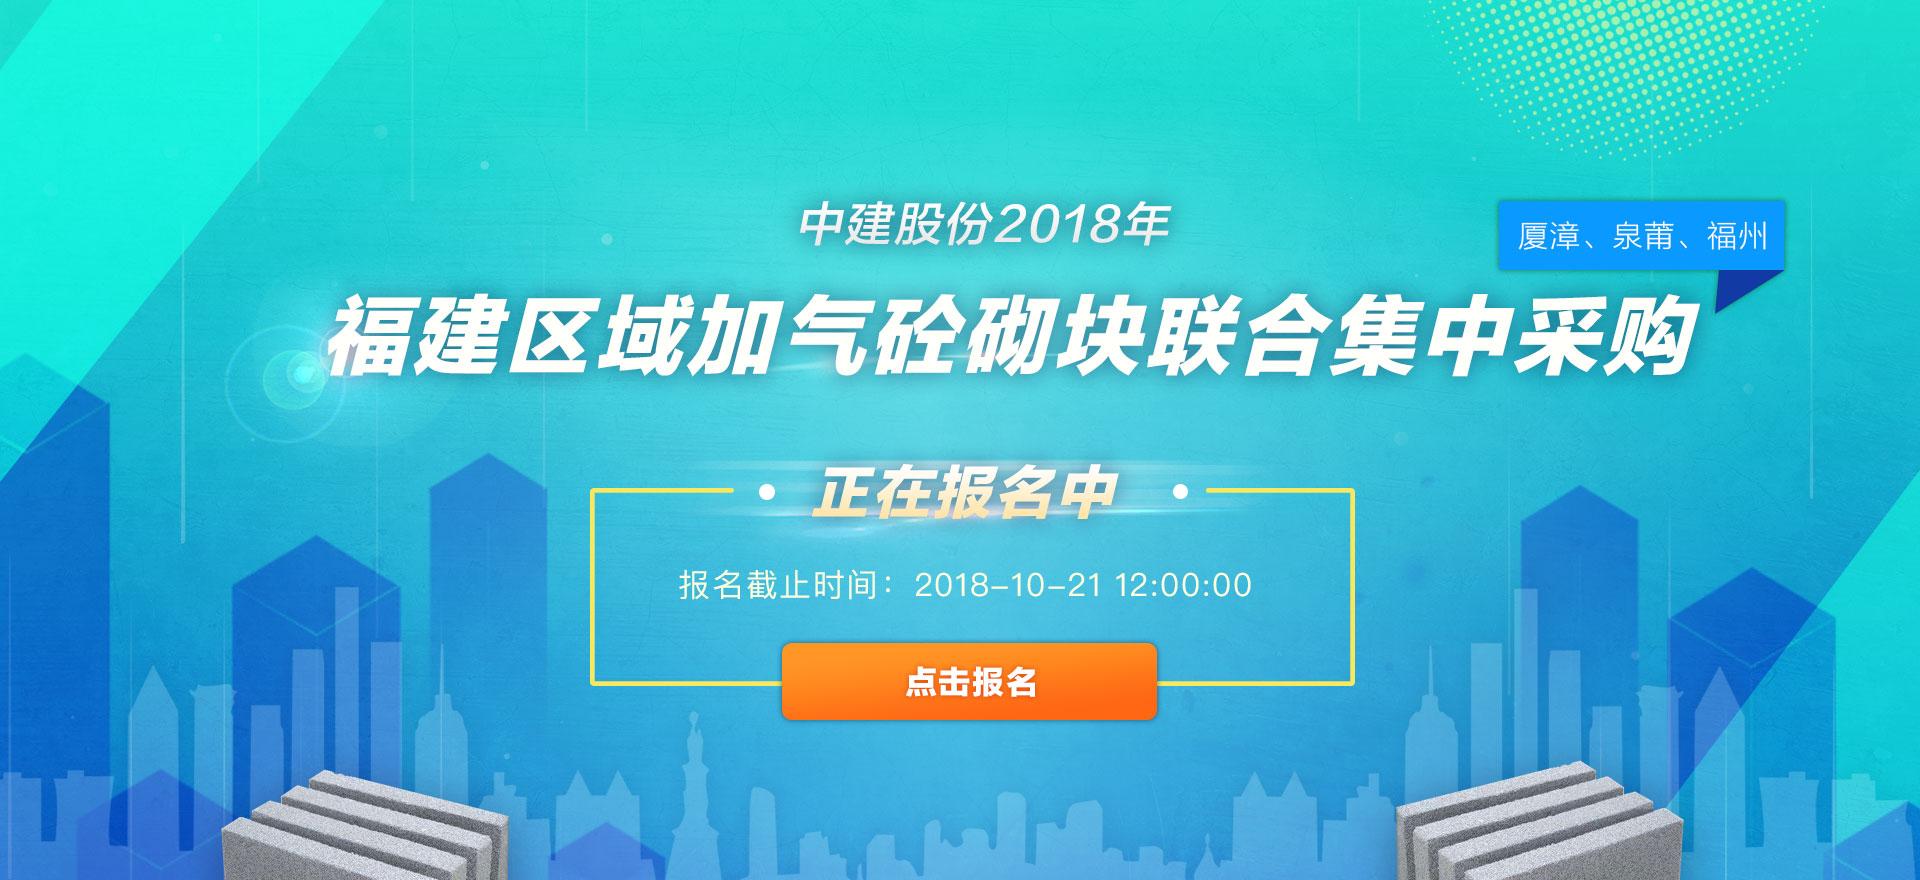 中建股份2018年福建区域加气砼砌块联合集中采购